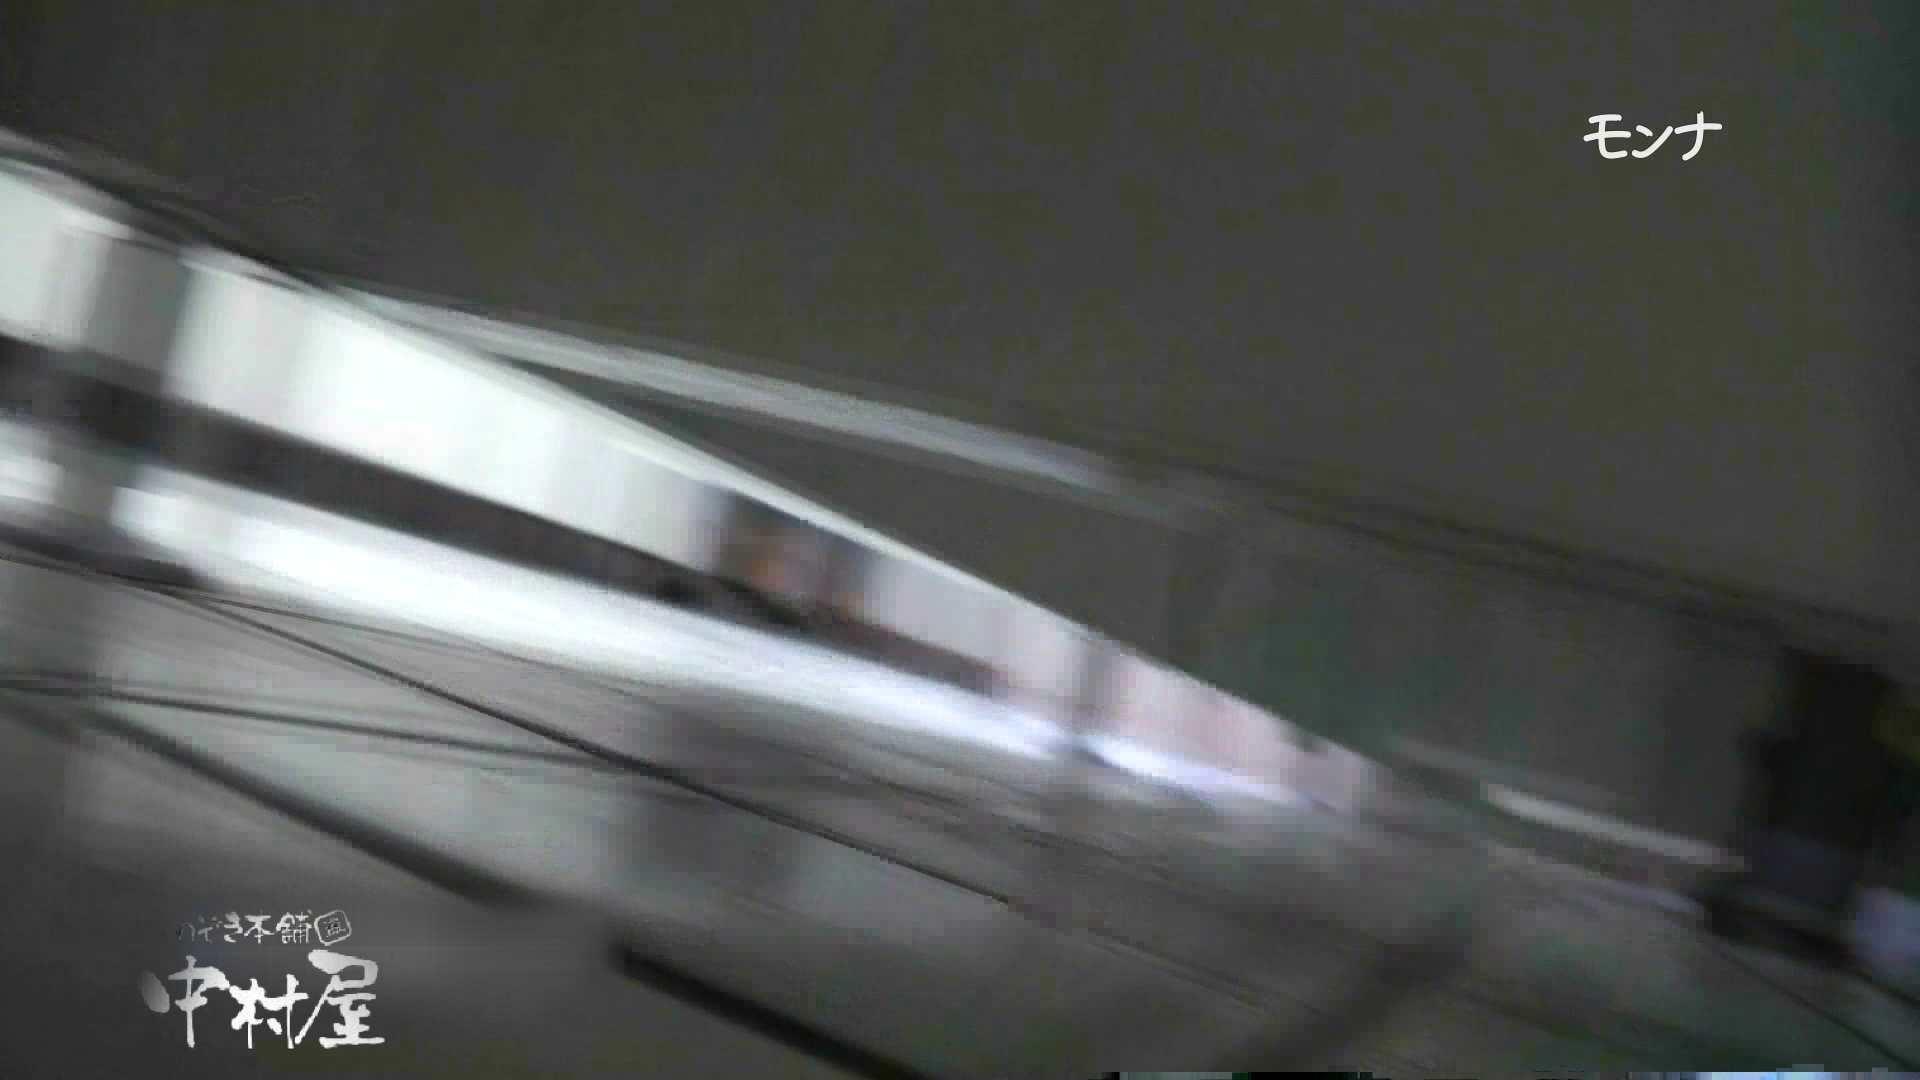 【美しい日本の未来】遂に!!戸田恵梨香似の予告モデル登場ダッシュで「大」後編 おまんこ見放題  101PIX 90